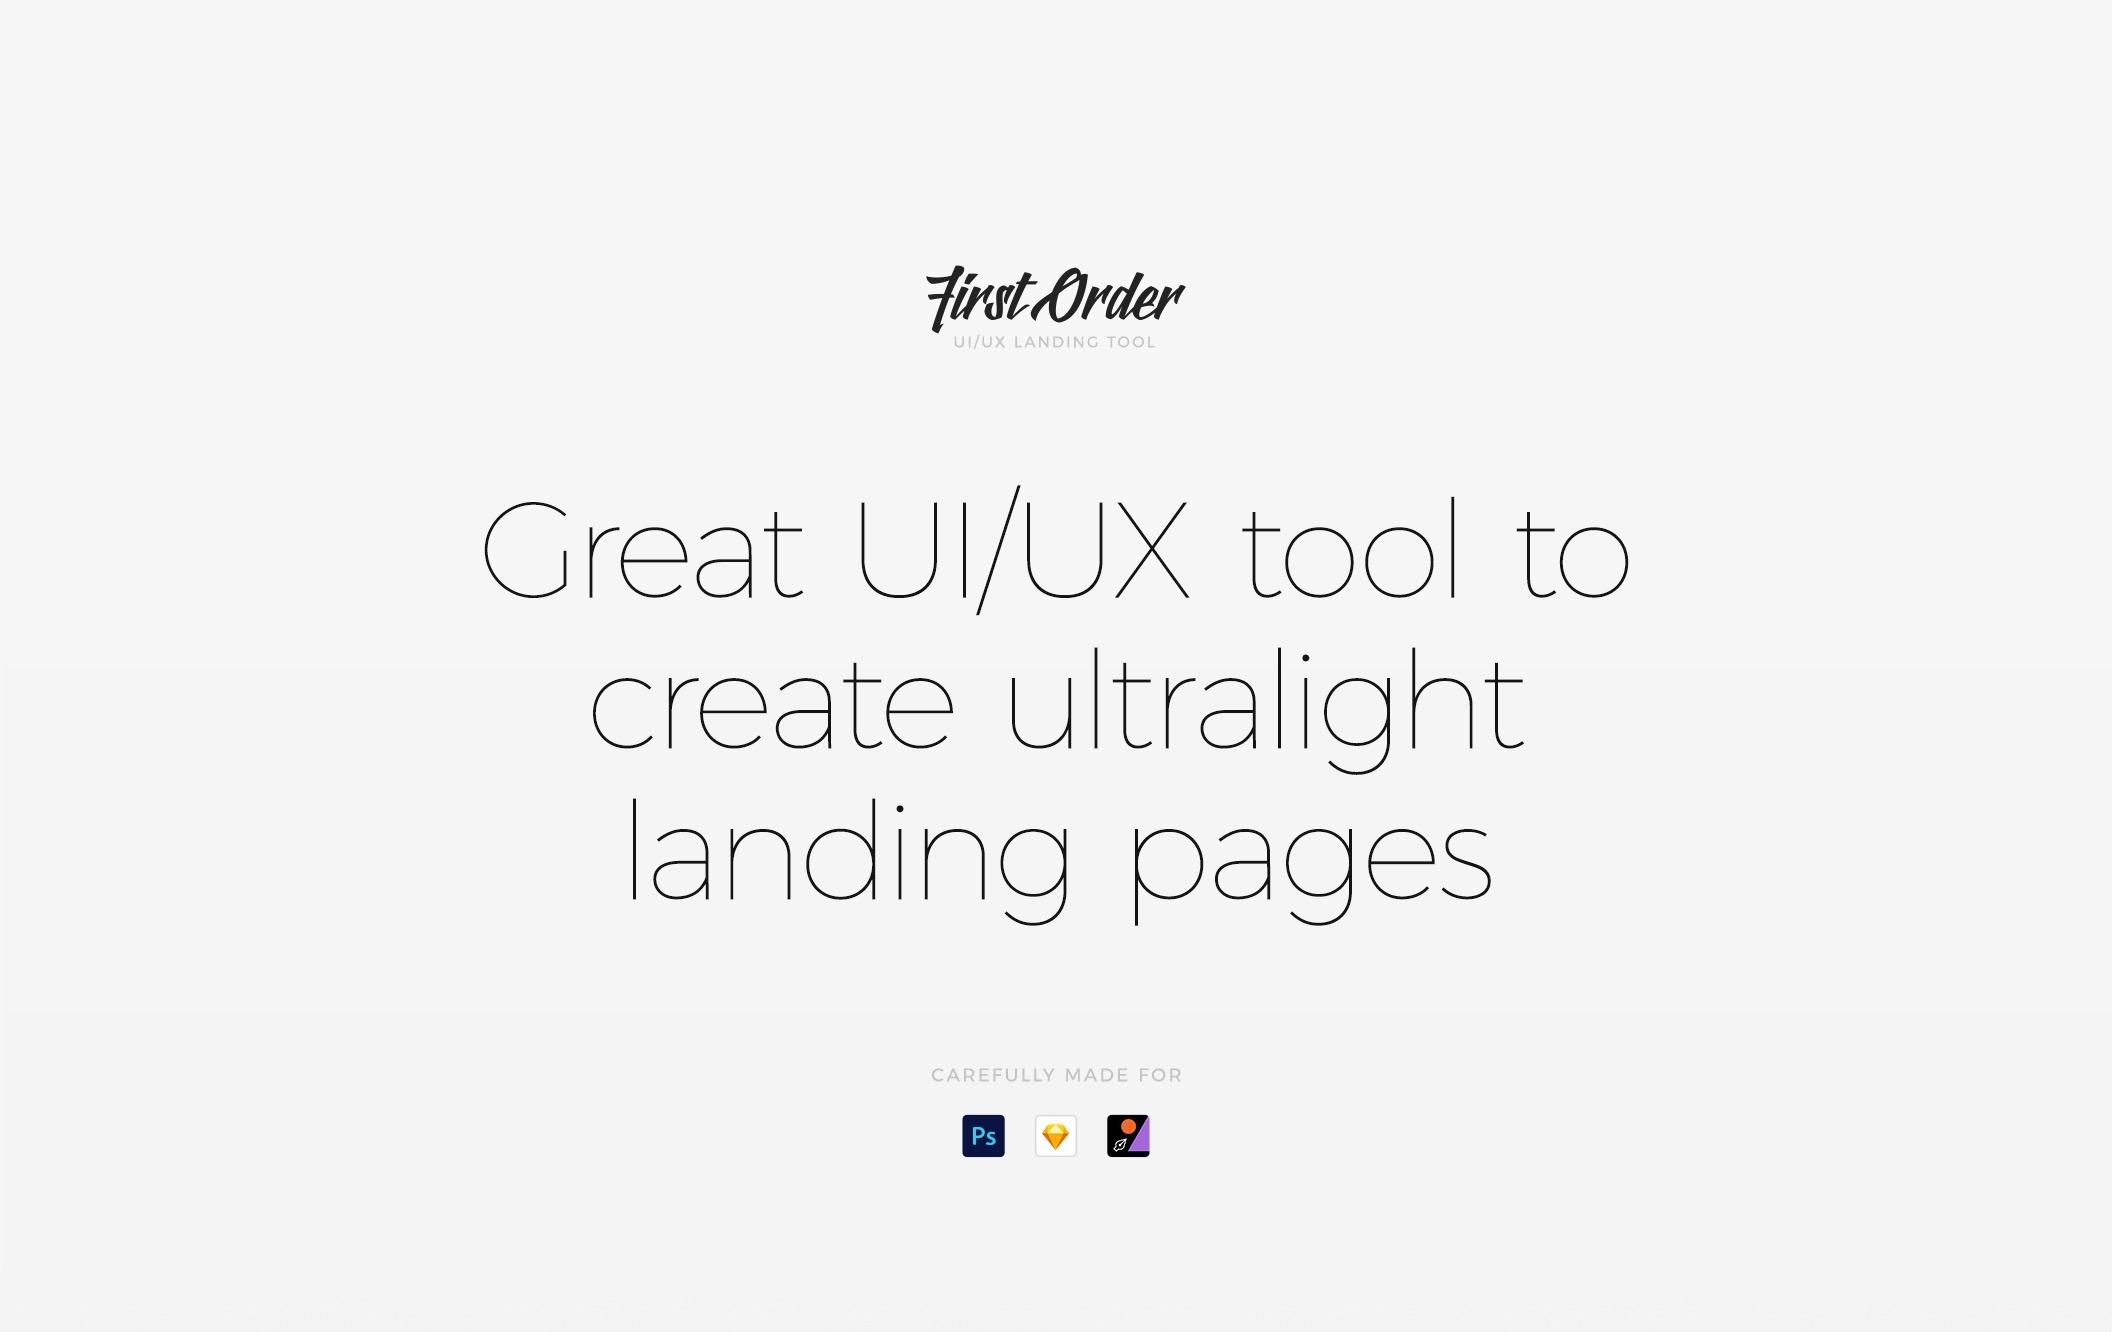 简约优雅的一套网页UI主题包.sketch、psd素材下载 网页模板-第7张